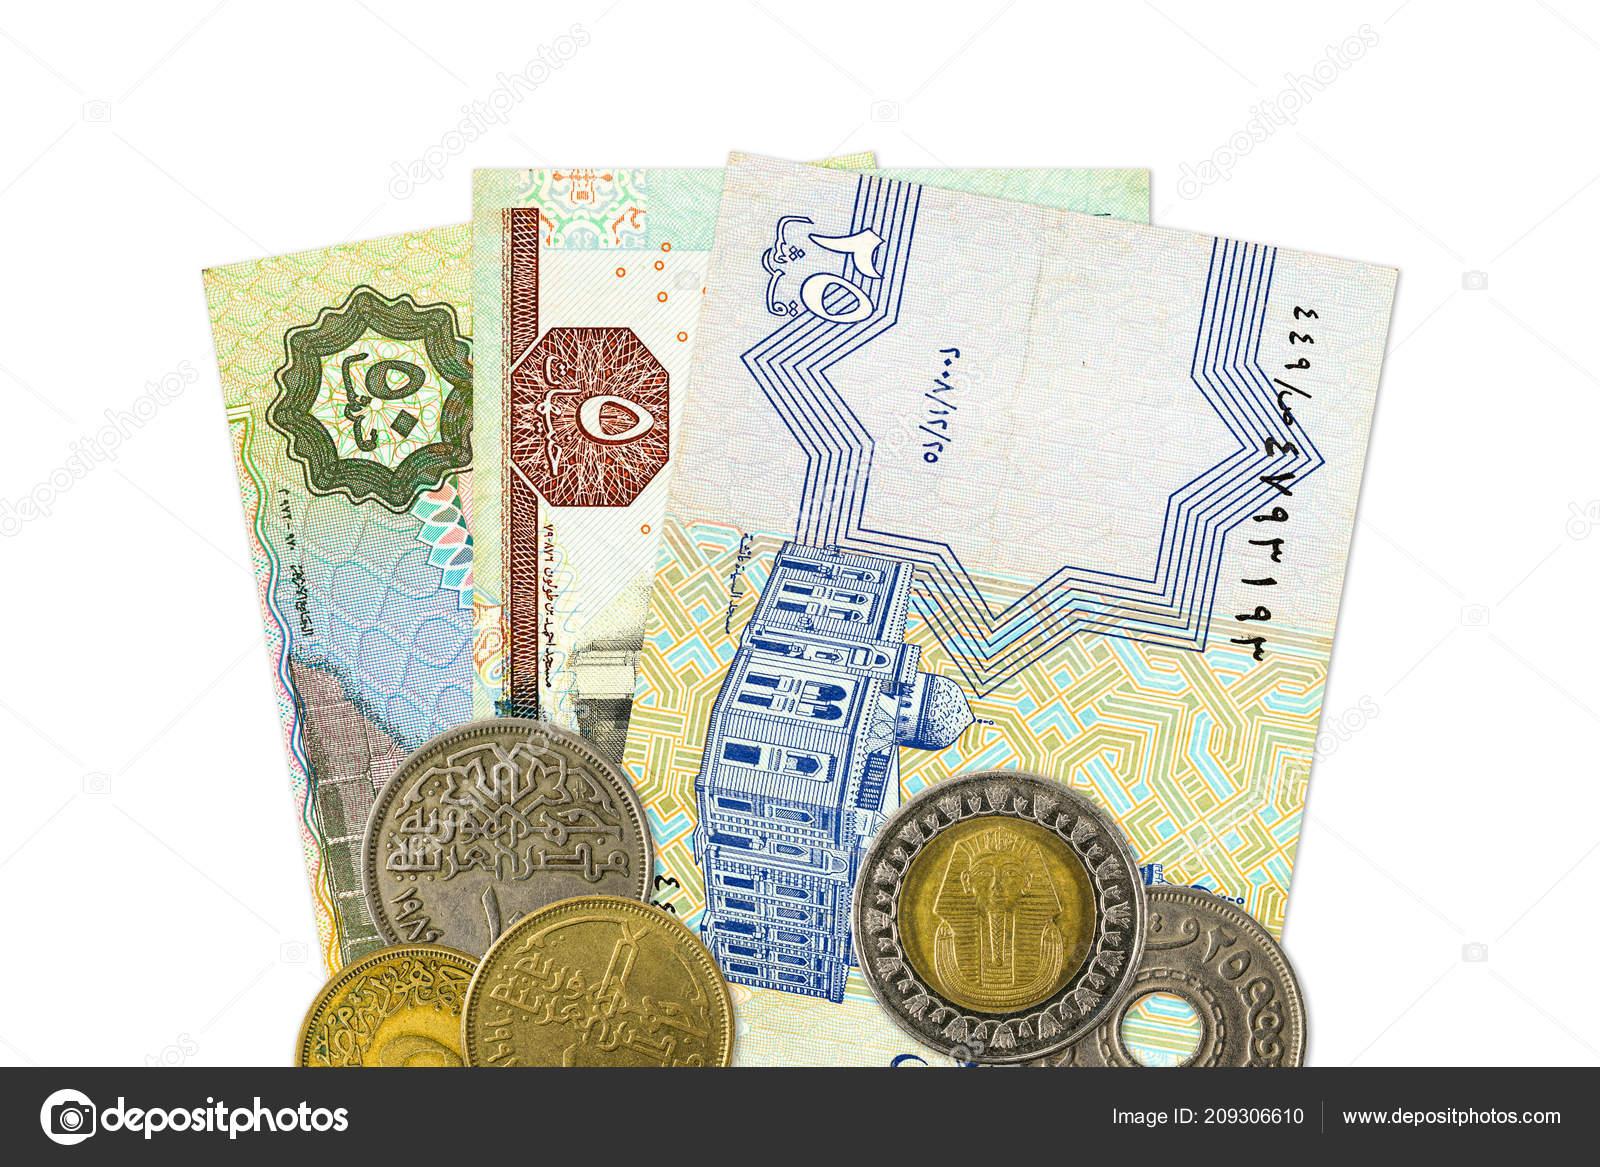 Certains Billets Banque Livre Egyptienne Des Pieces Photo